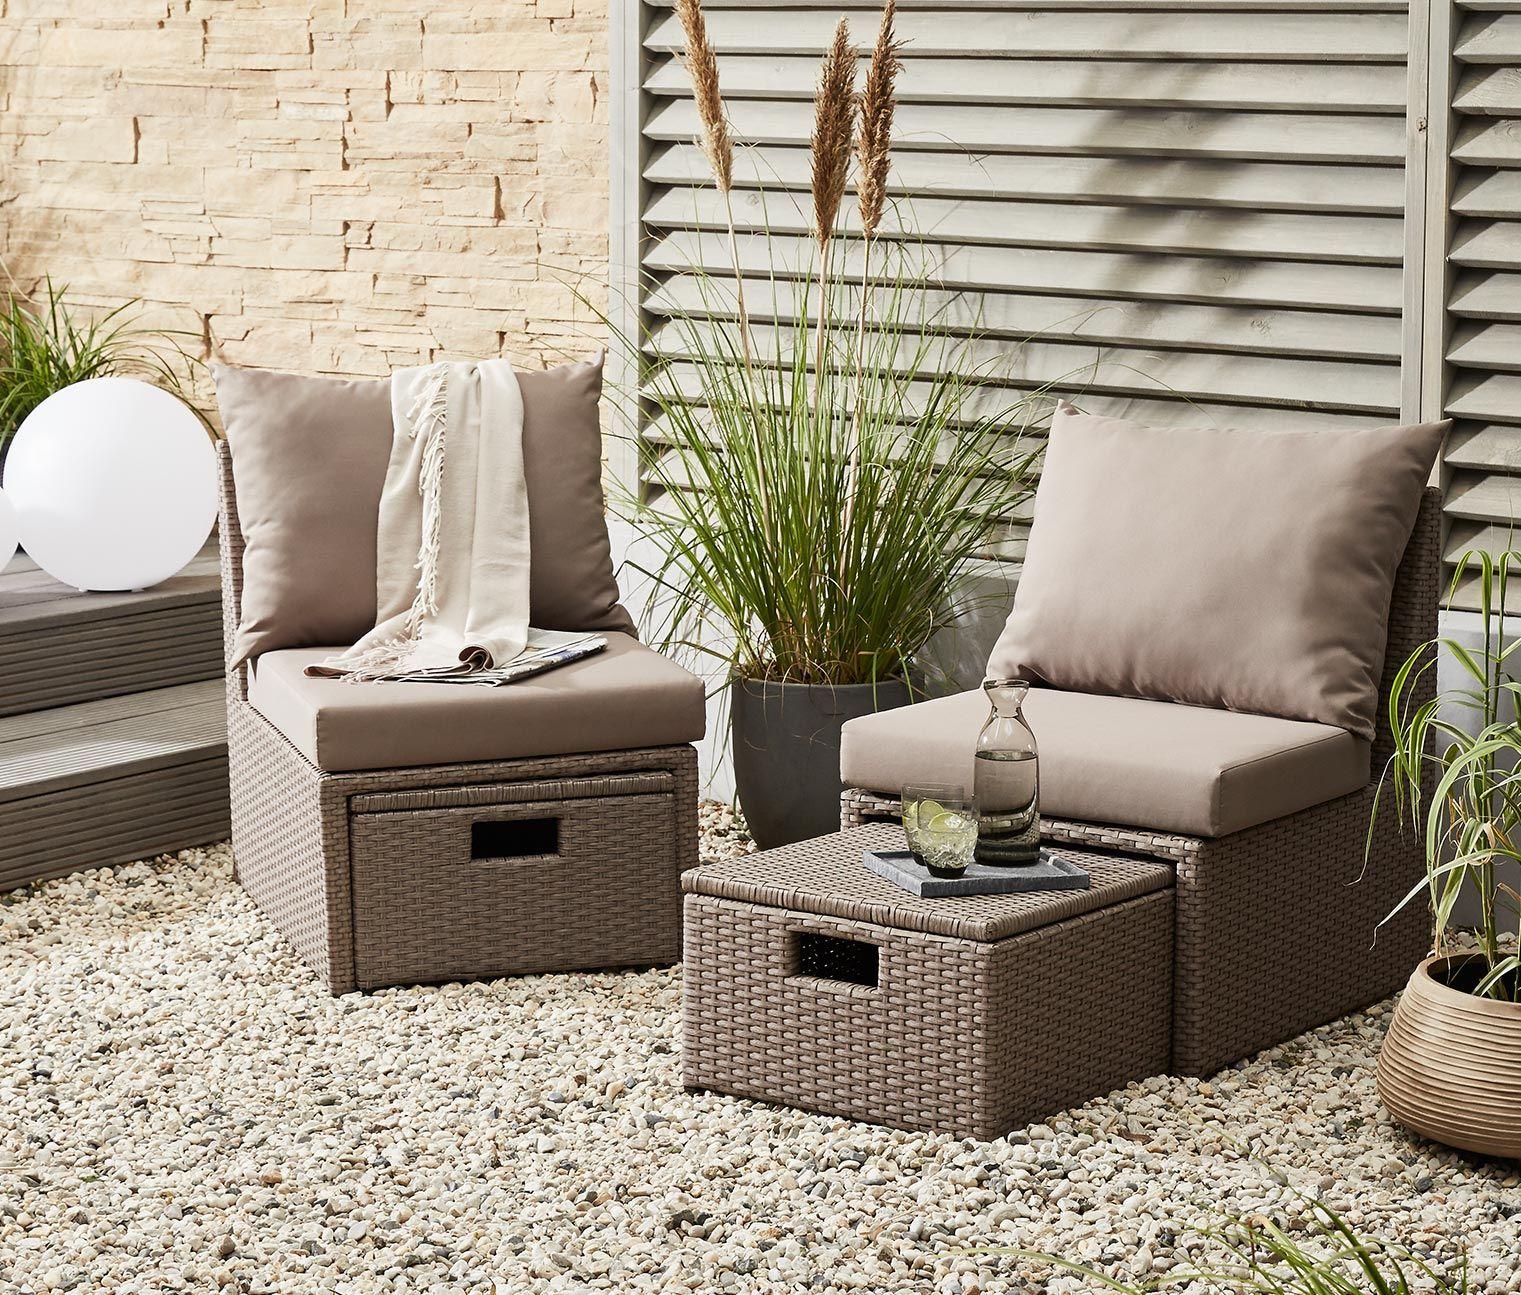 Fesselnd 399,00 U20ac Gartenmöbel Aus Hochwertigem Polyrattangeflecht Dieses Lounge Set  Aus Hochwertigem Polyrattan